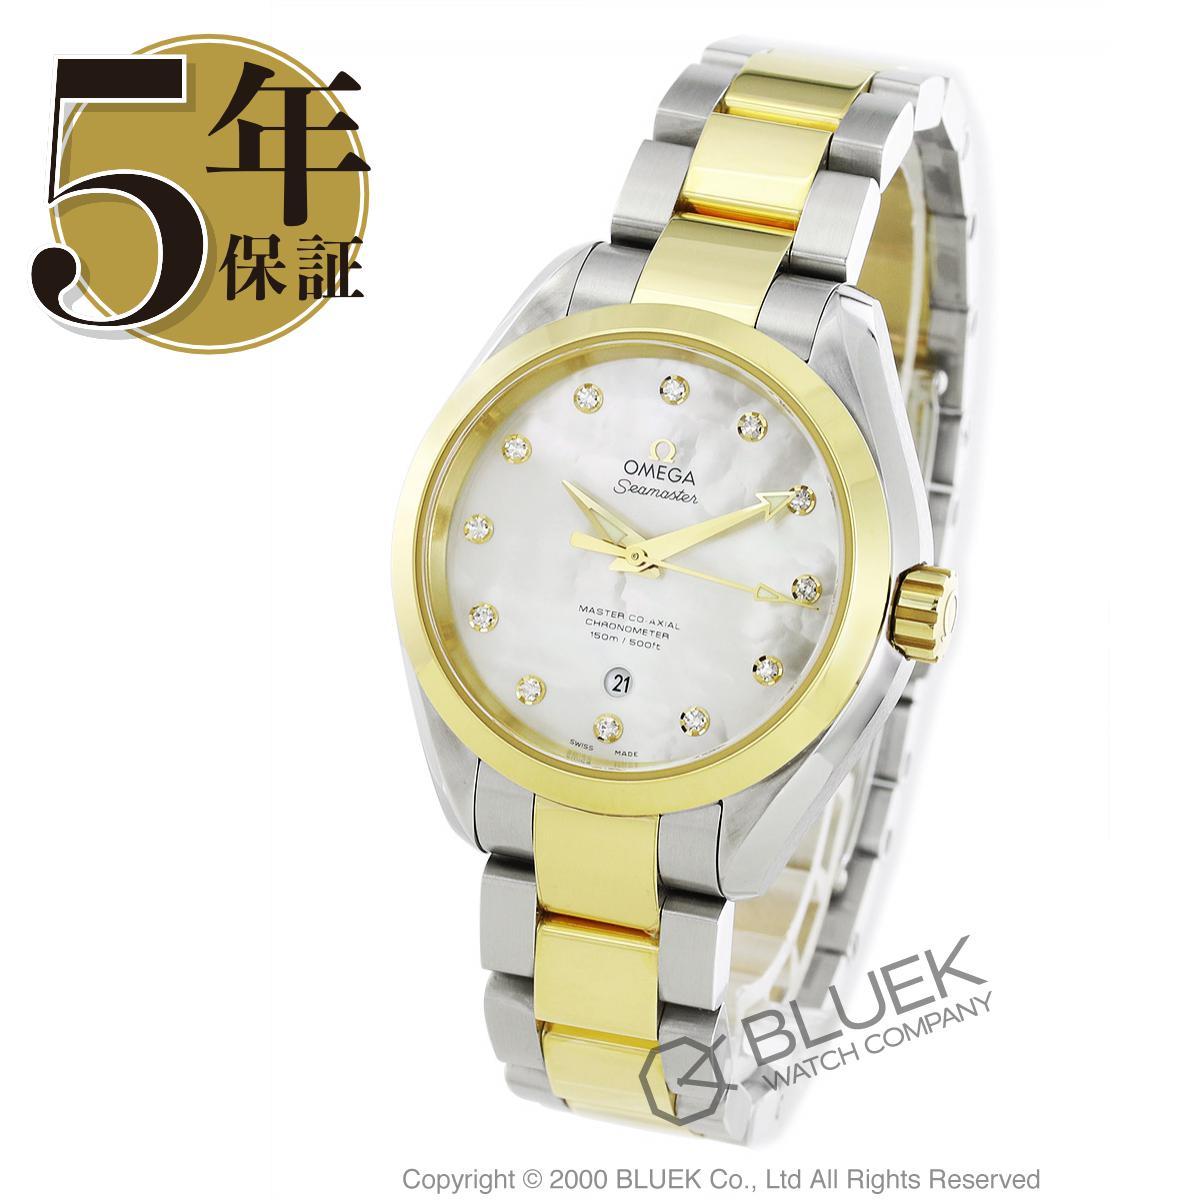 オメガ シーマスター アクアテラ ダイヤ 腕時計 レディース OMEGA 231.20.34.20.55.002_5